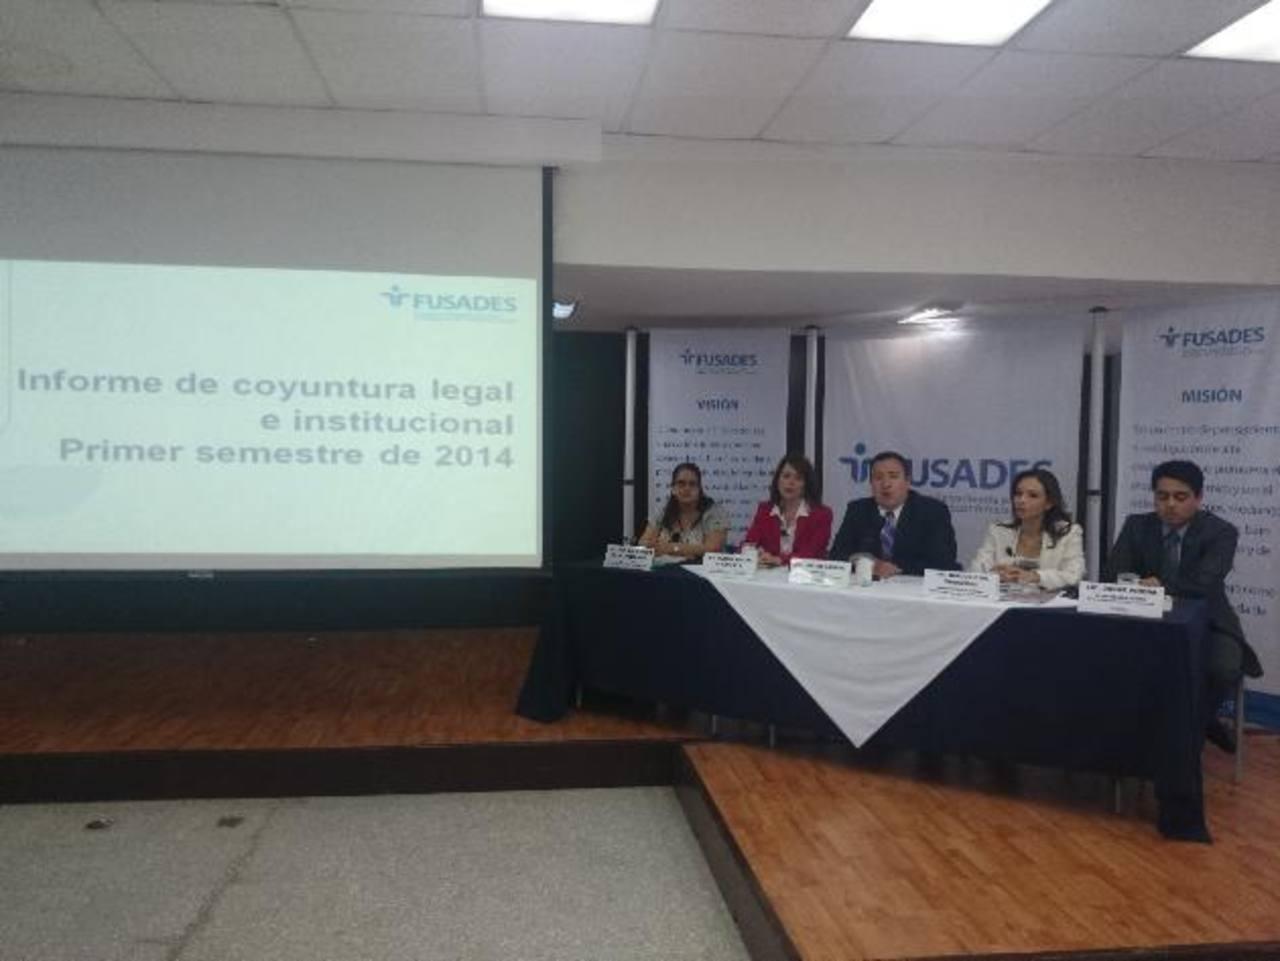 Los resultados del informe semestral fueron revelados en conferencia de prensa por analistas de Estudios Legales de Fusades. foto edh / David Marroquín.